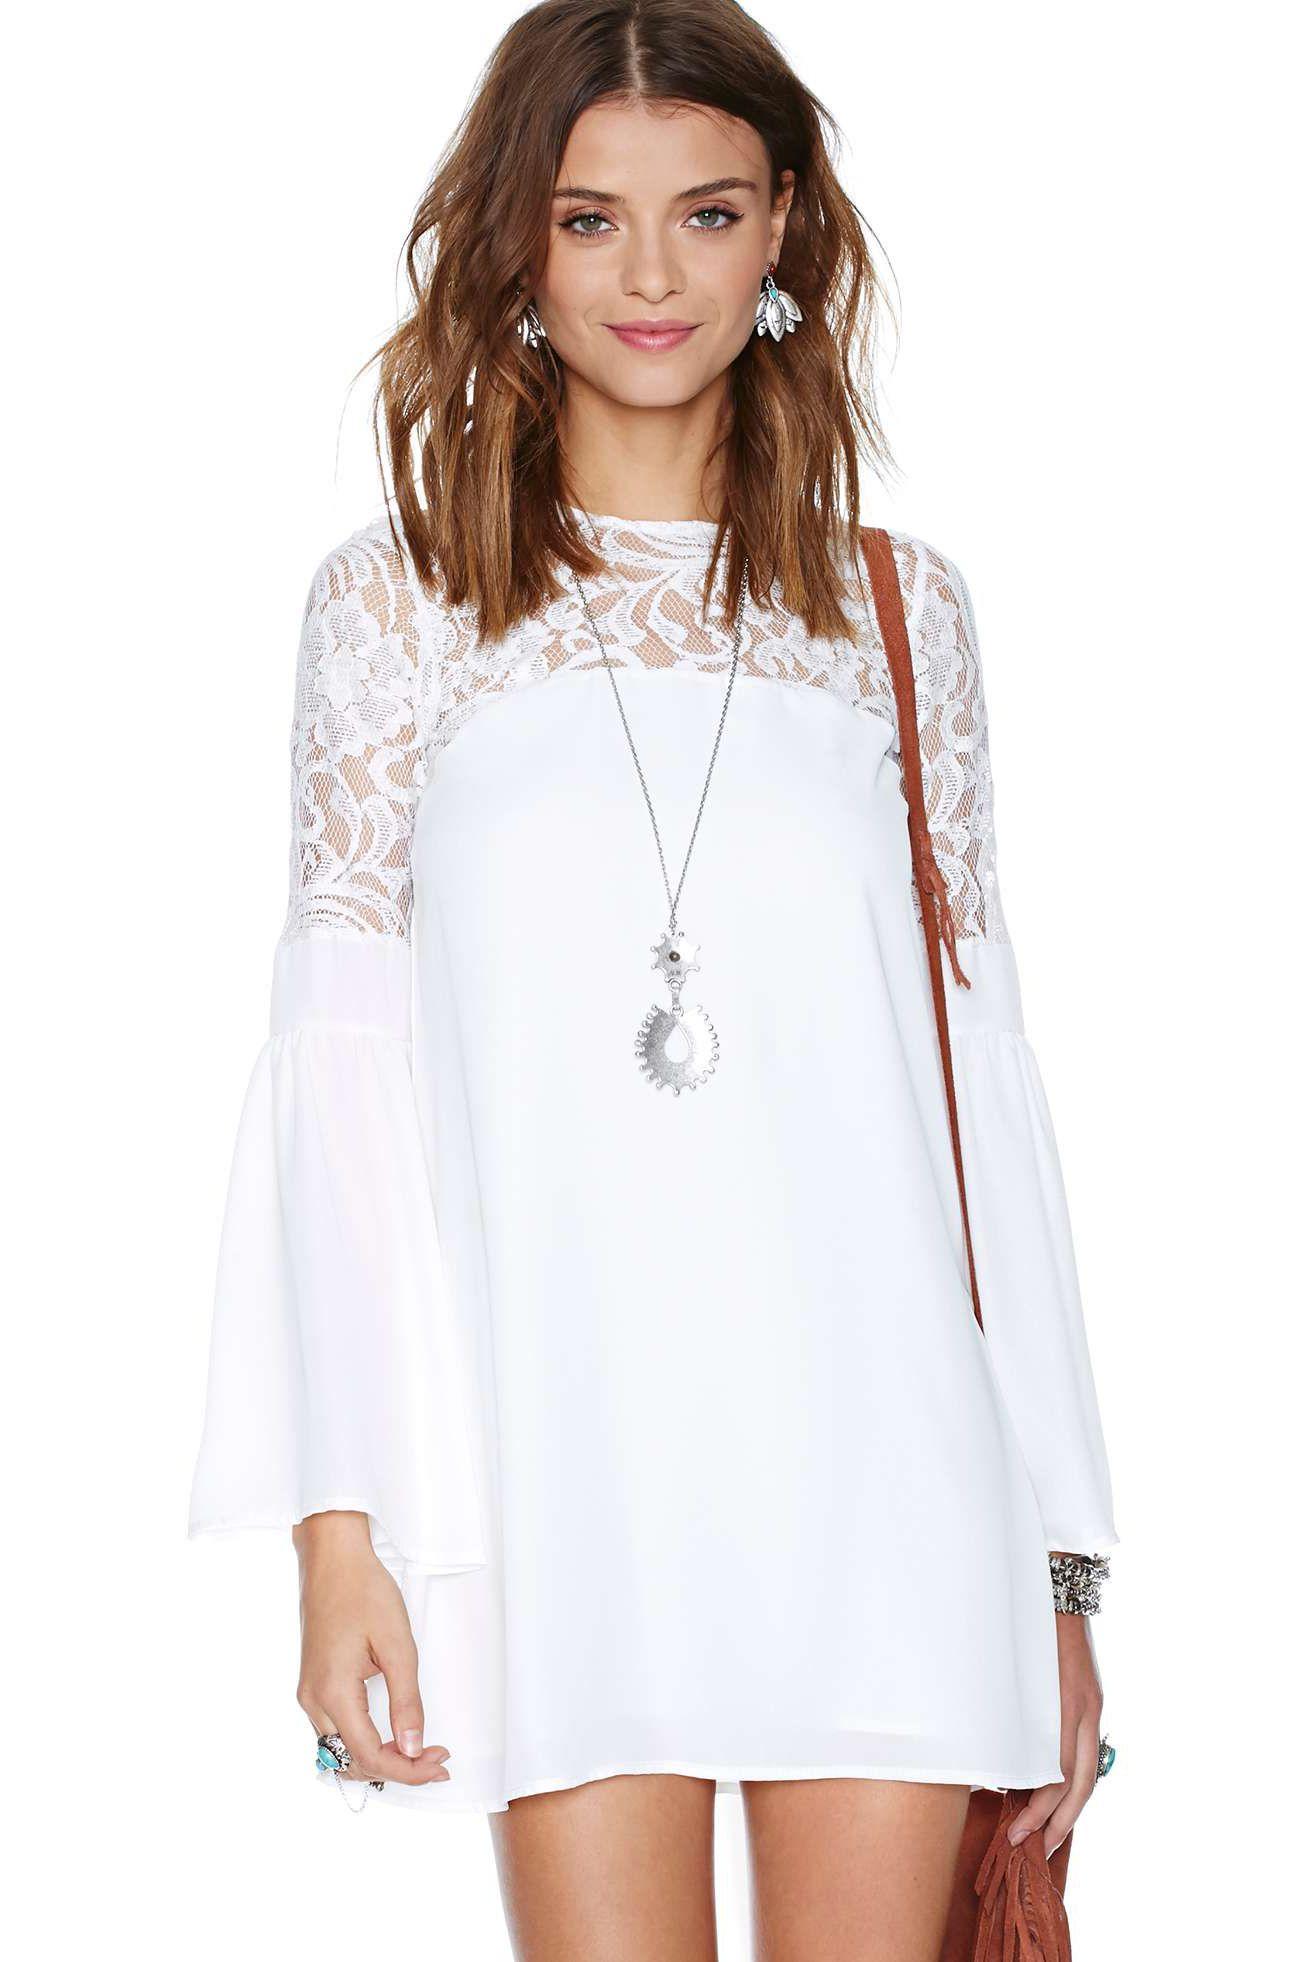 9a7059f1d5 Vestido Blanco encaje de manga larga contraste de cambio del hombro 20.79